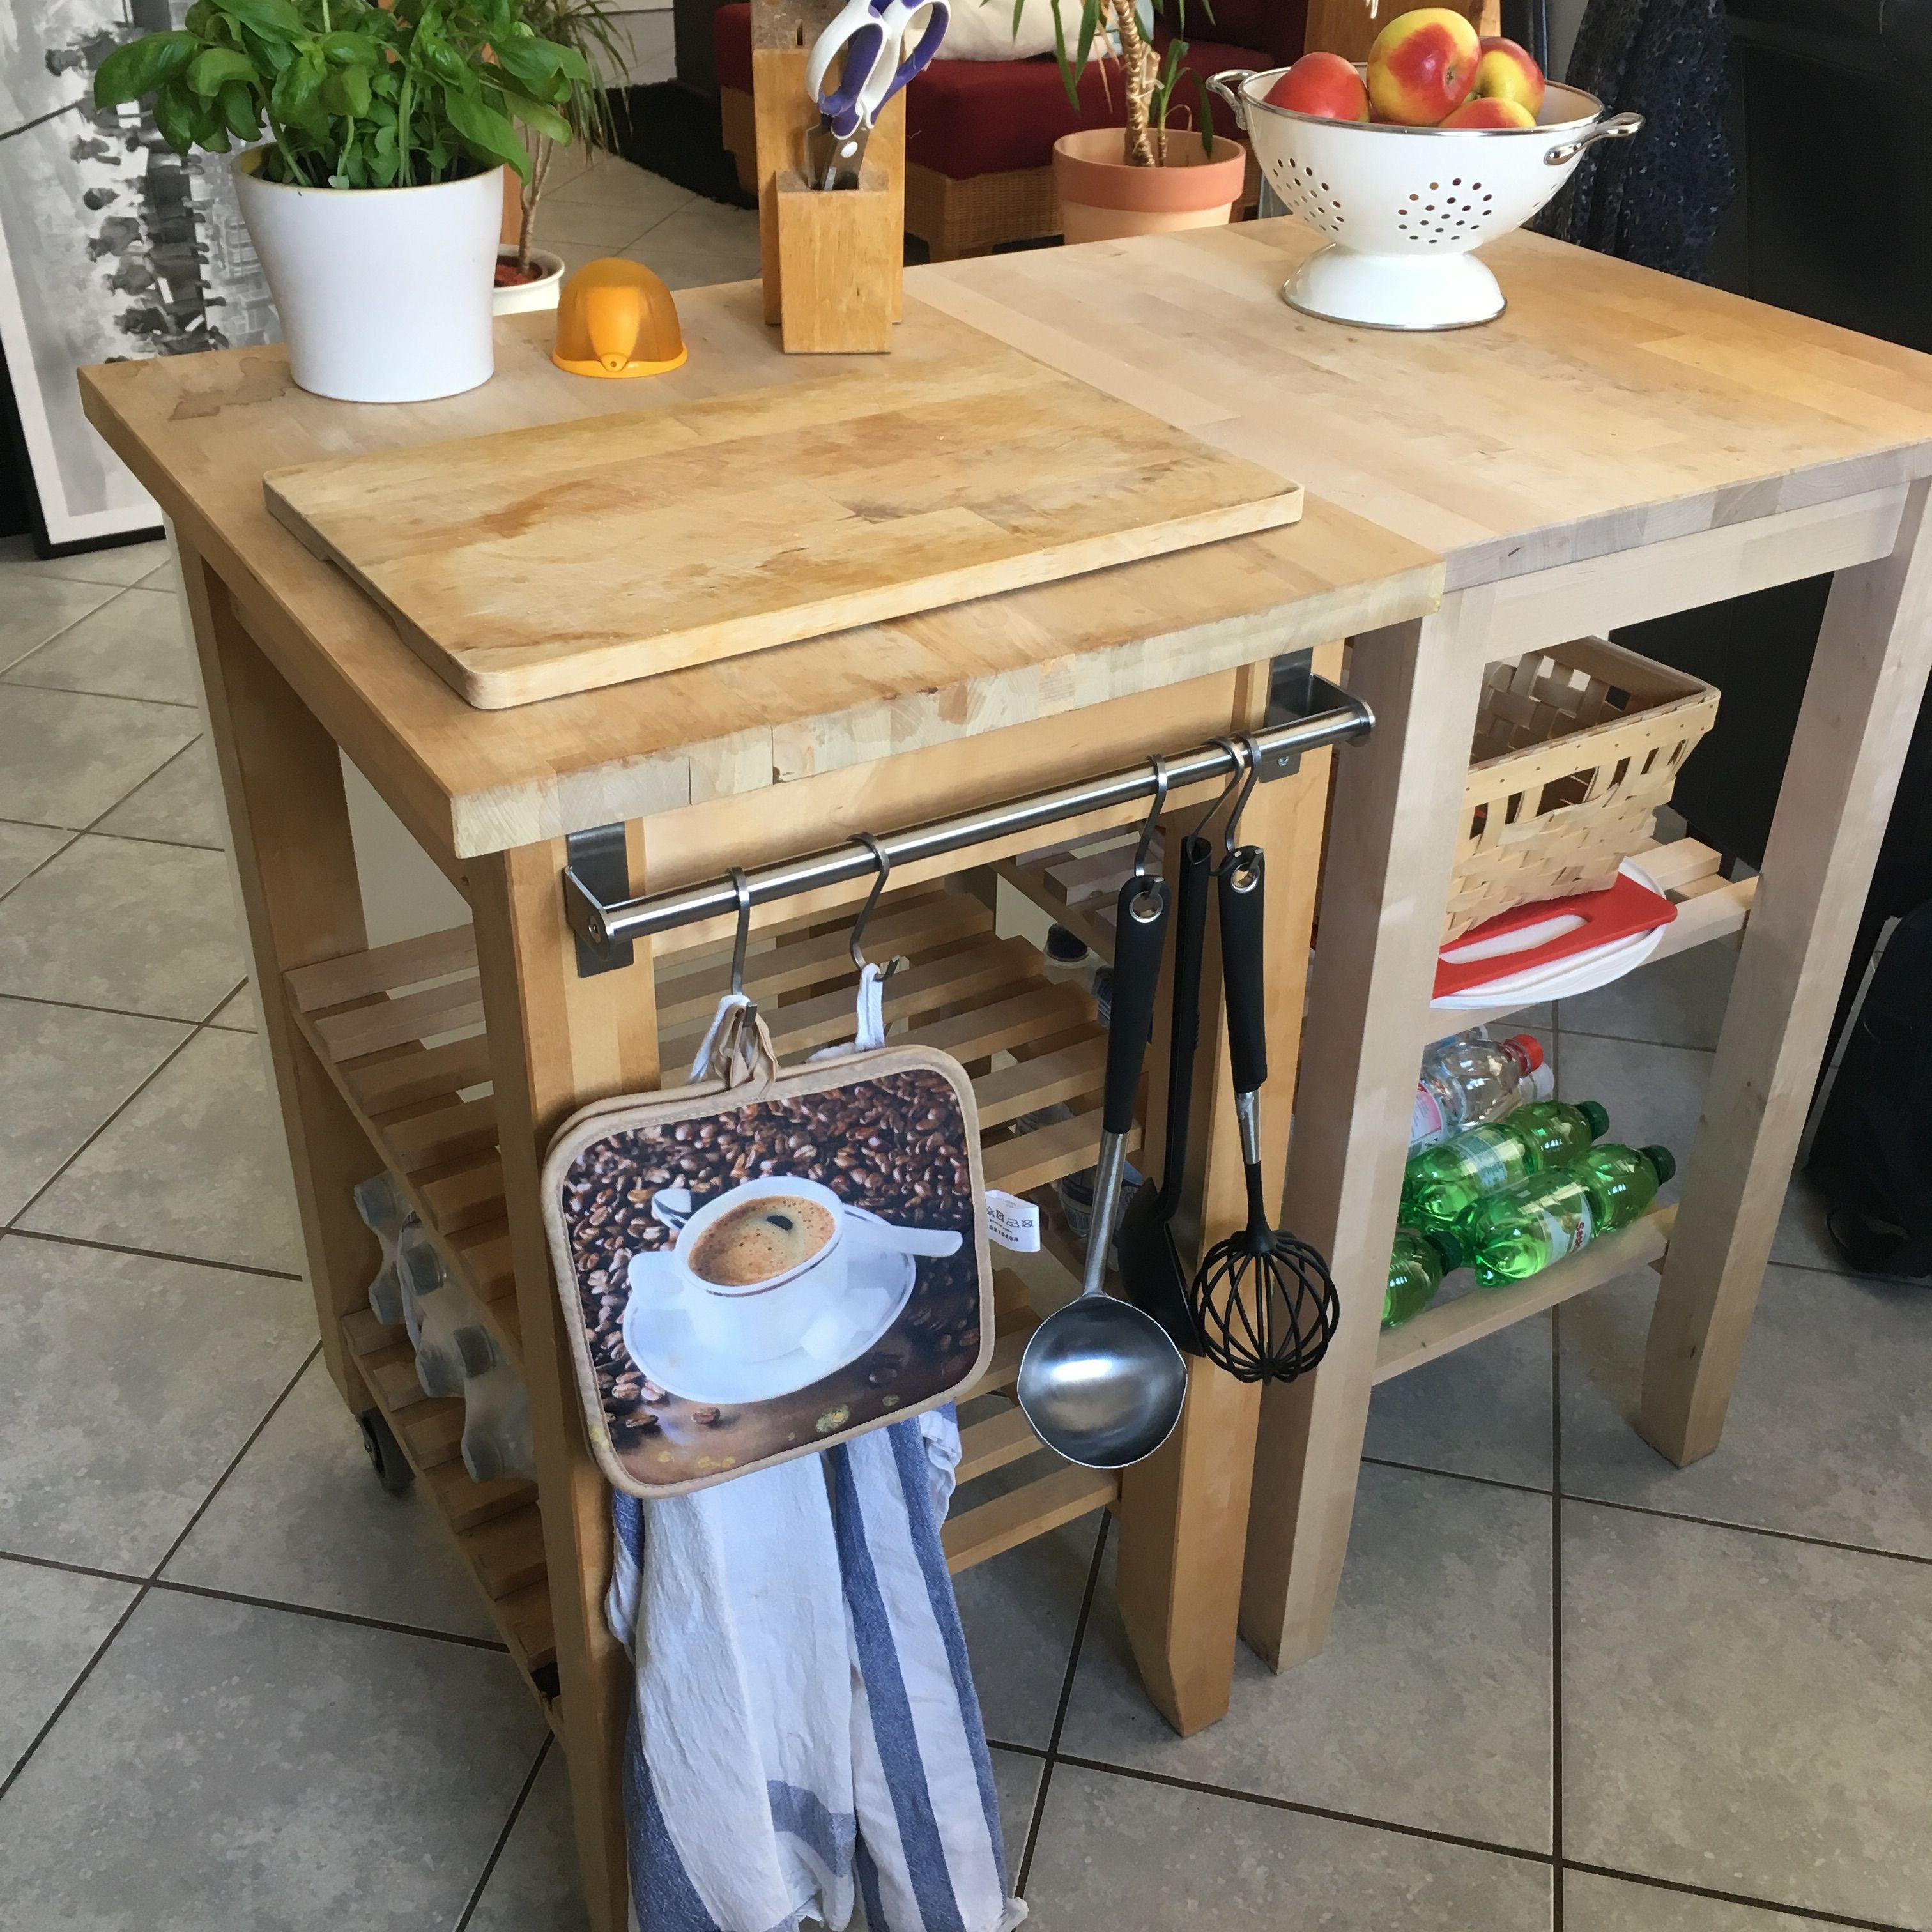 Ikea Holz Kuchenwagen Poco Kuchenwagen